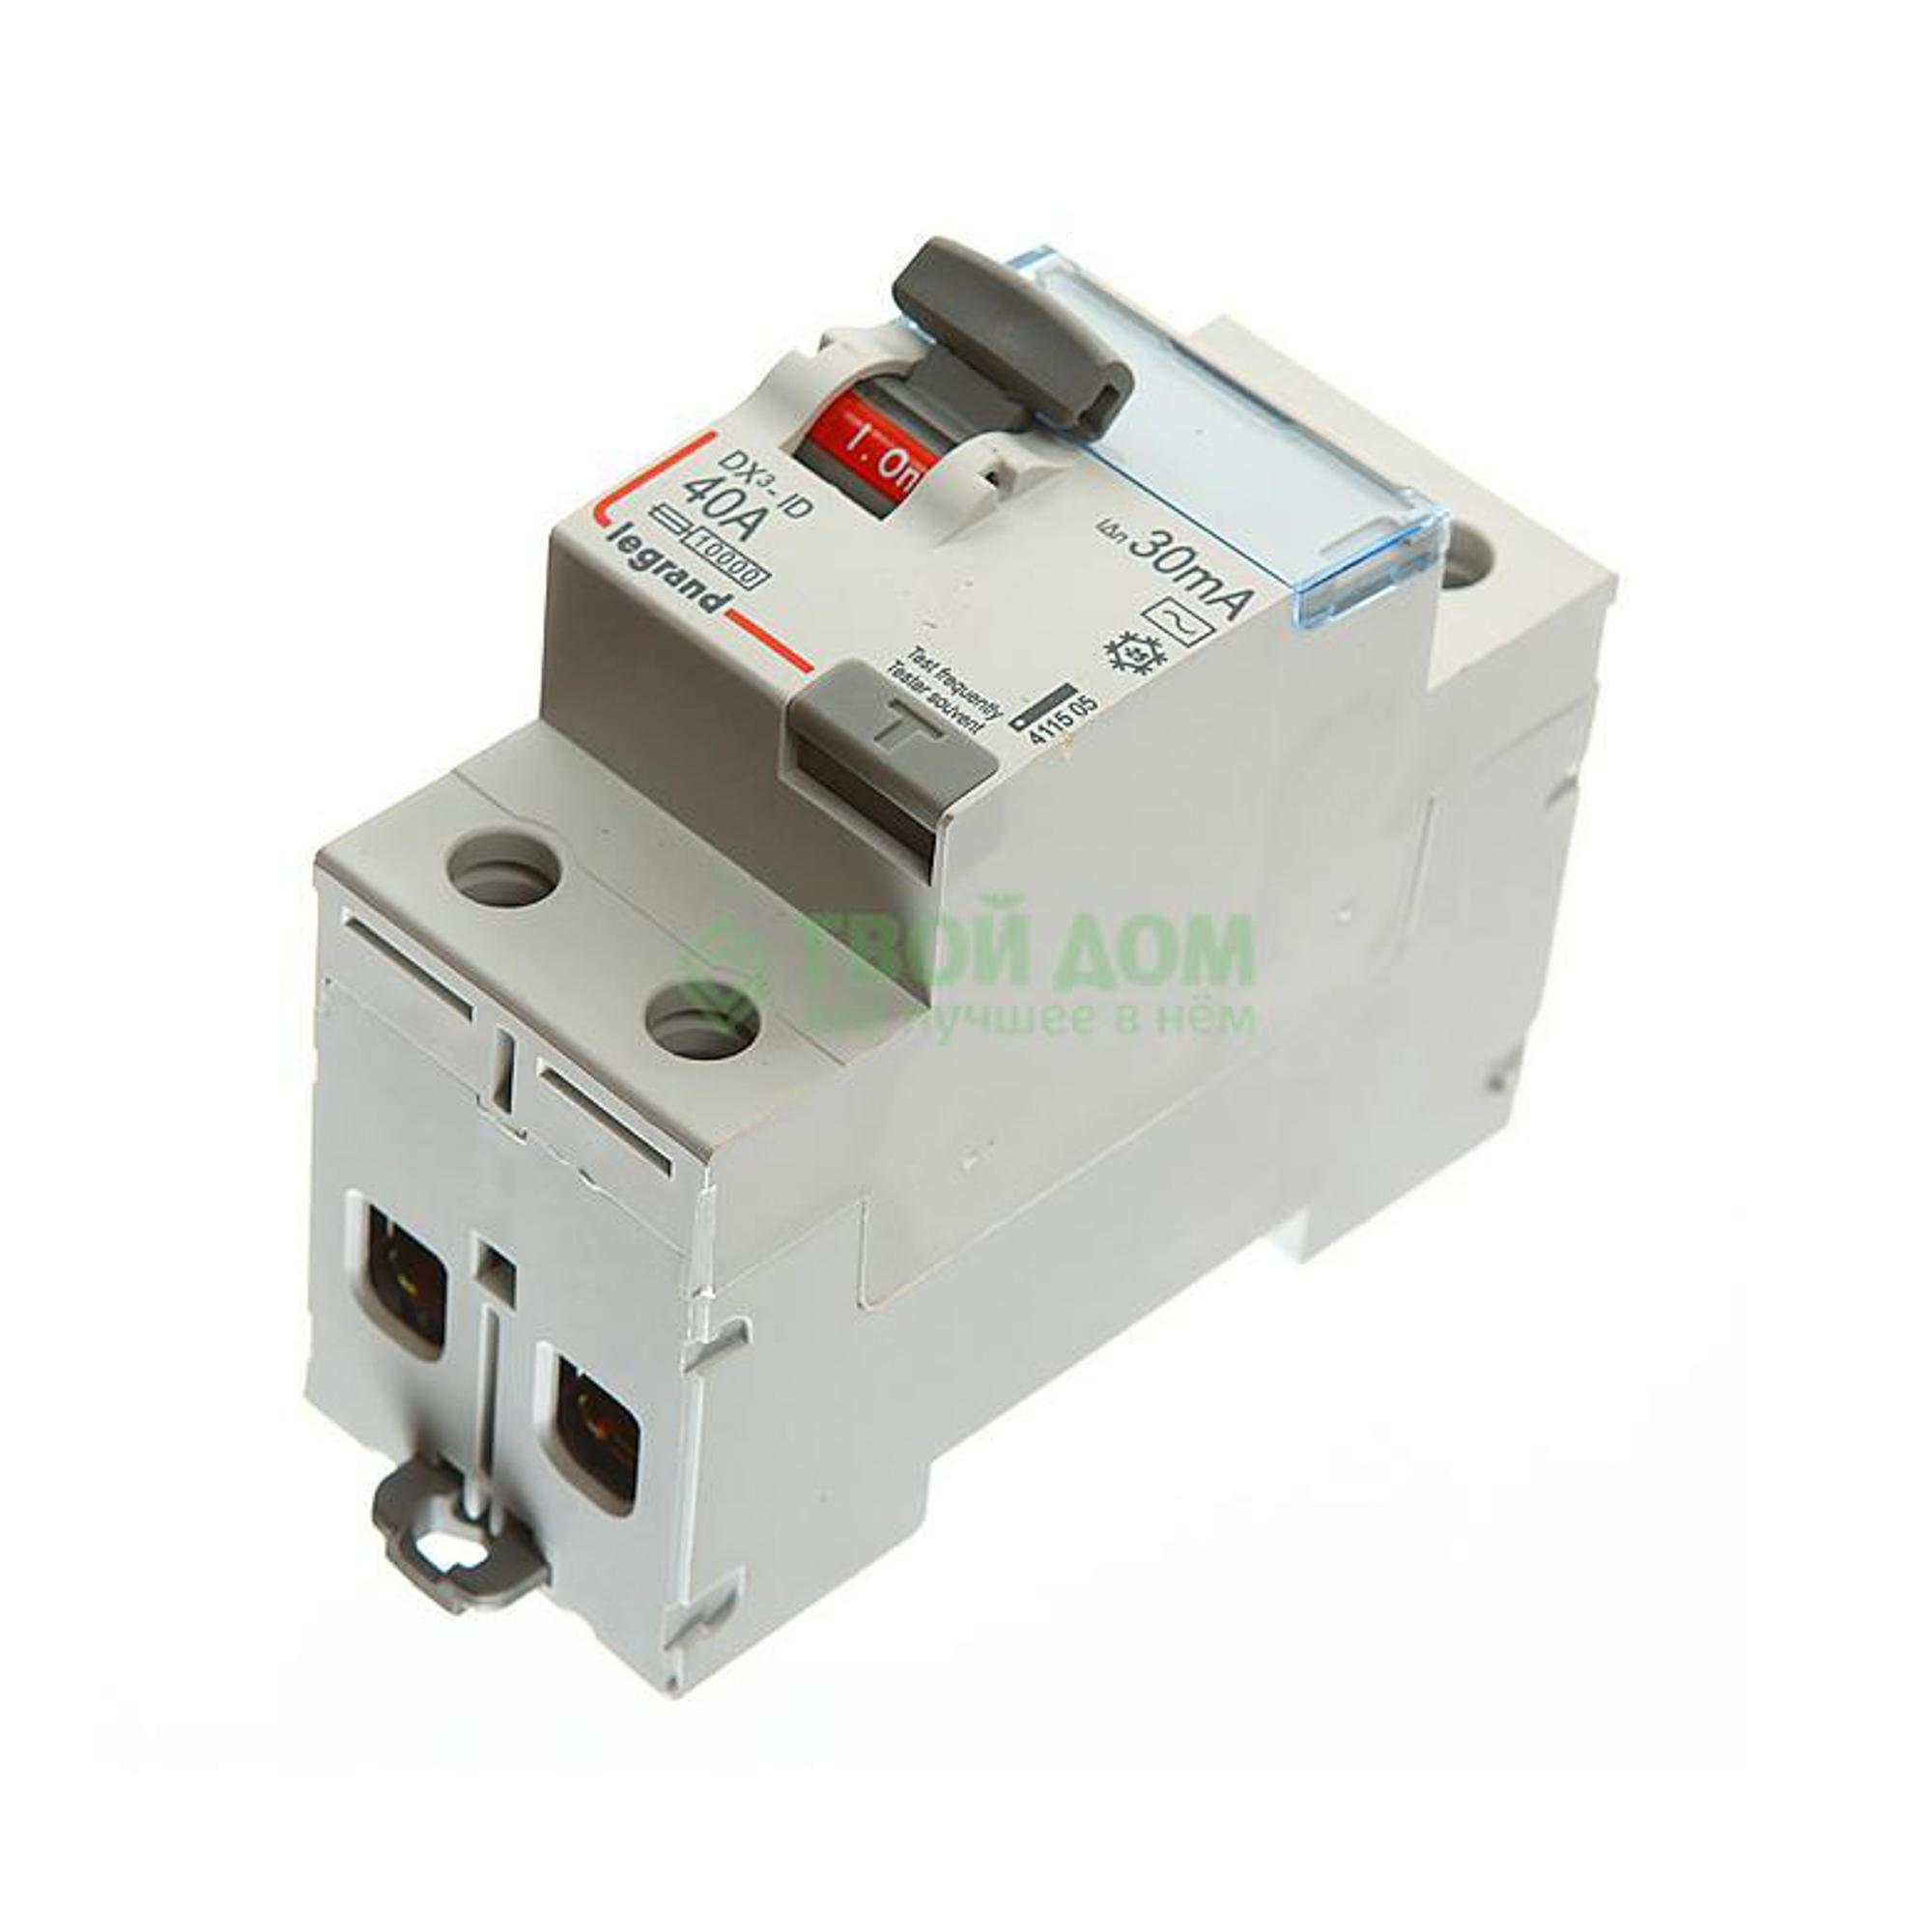 Купить Legrand Устройство защитного отключения вдт dx3 411505, автоматический выключатель, Франция